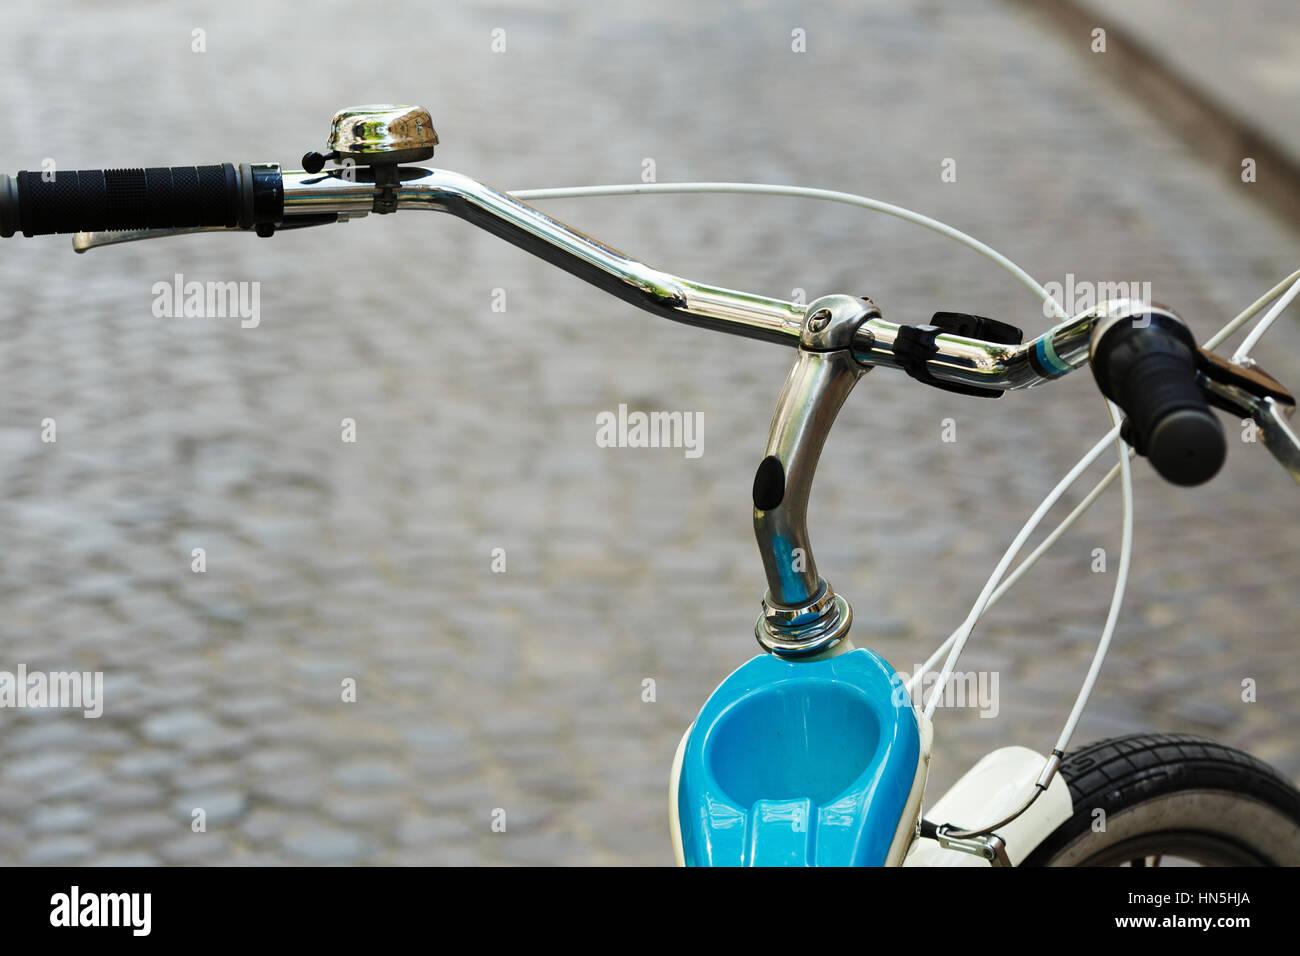 Timón de bicicleta, que está de pie en la calle de la ciudad vieja Imagen De Stock